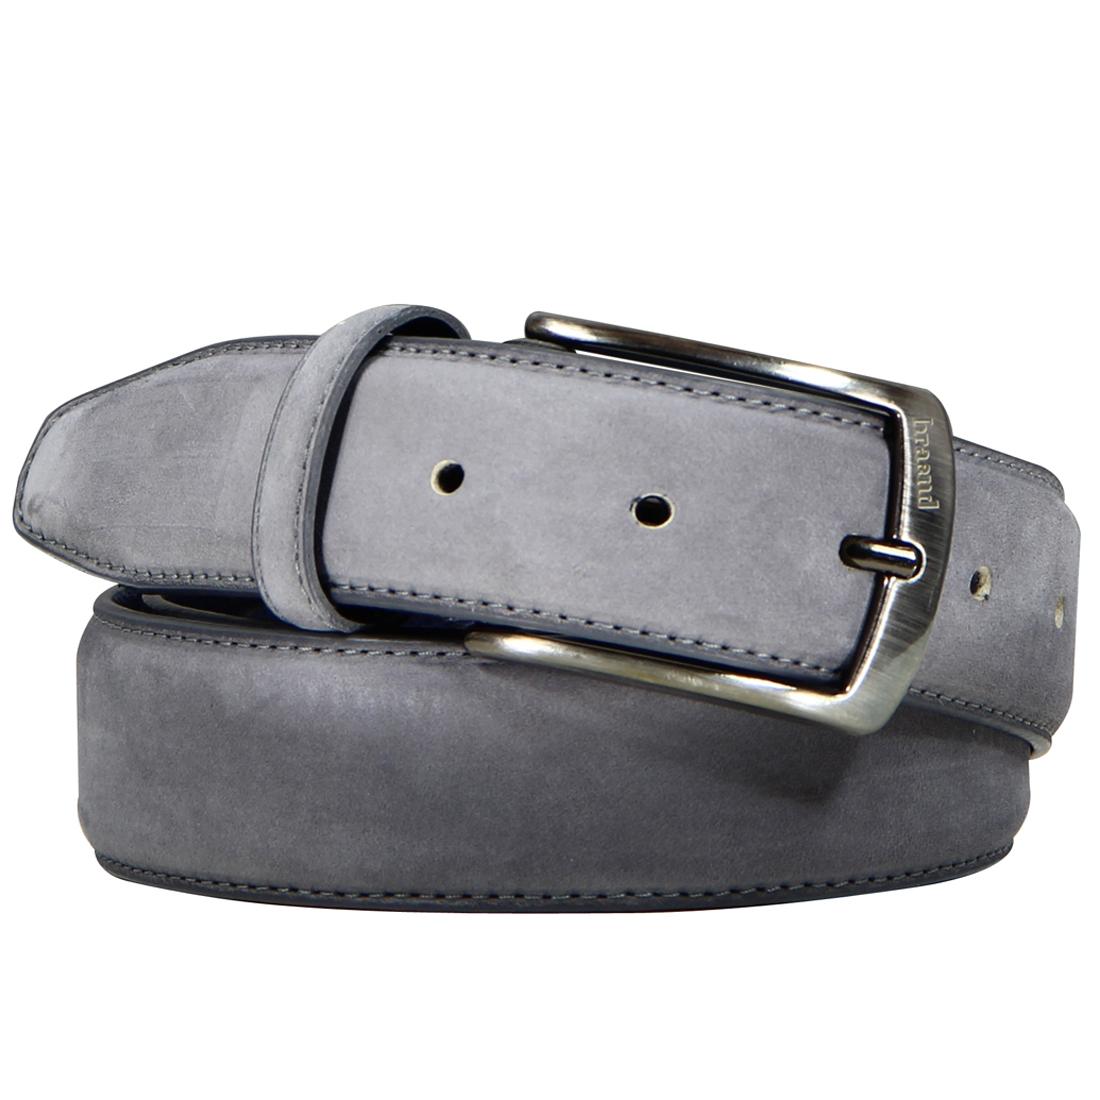 Braend accessoire 3500-24719 in het Grijs